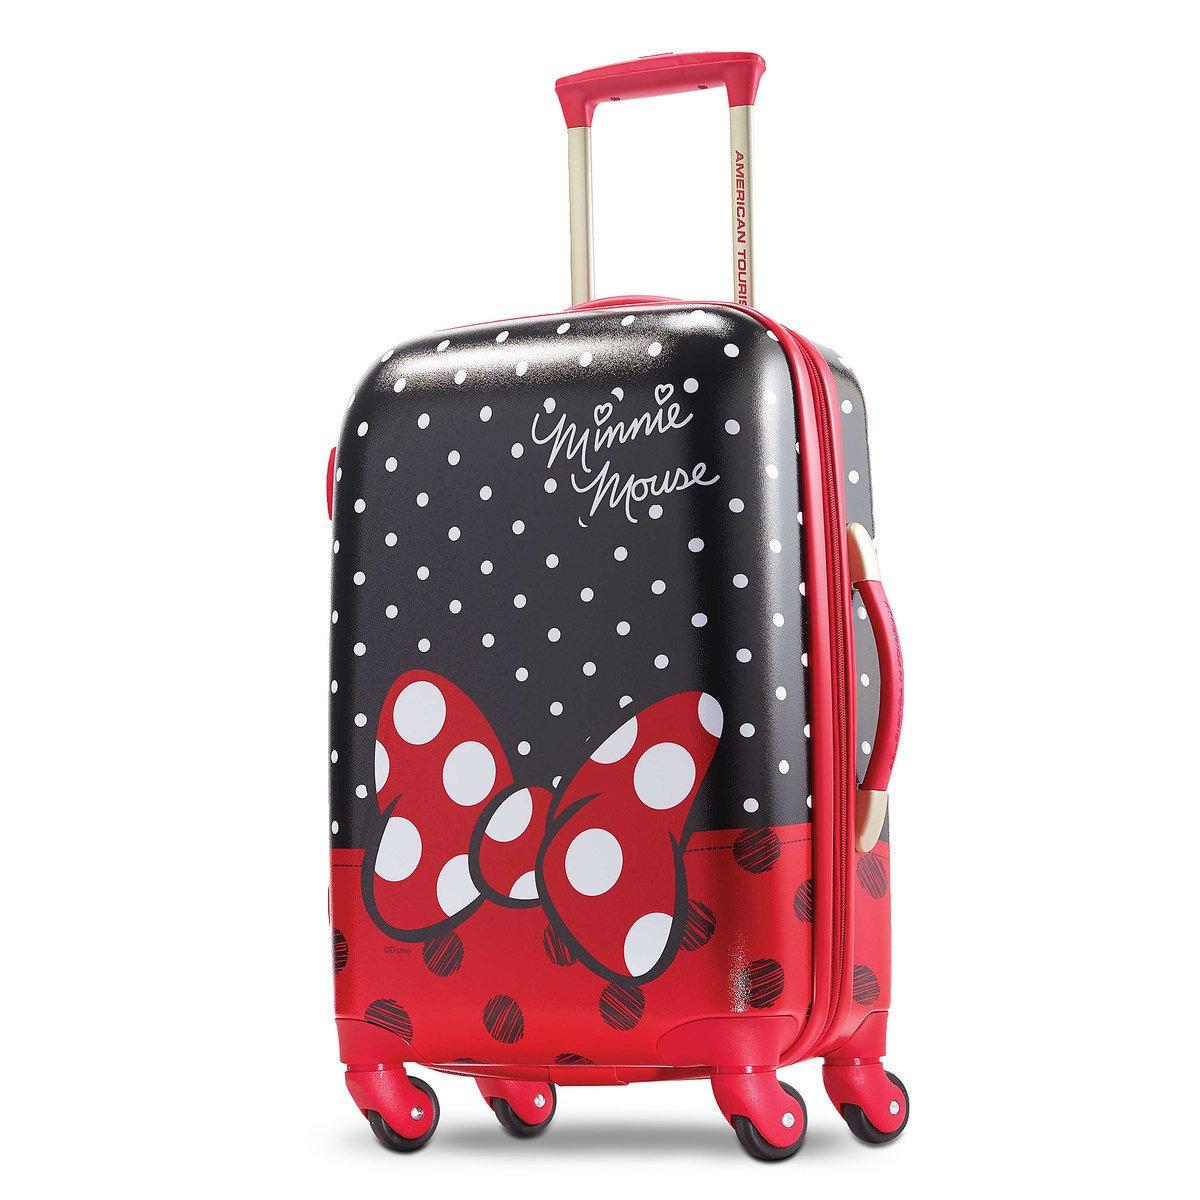 26cd0852a maleta bolsa minnie mouse viaje original mickey disney store. Cargando zoom.